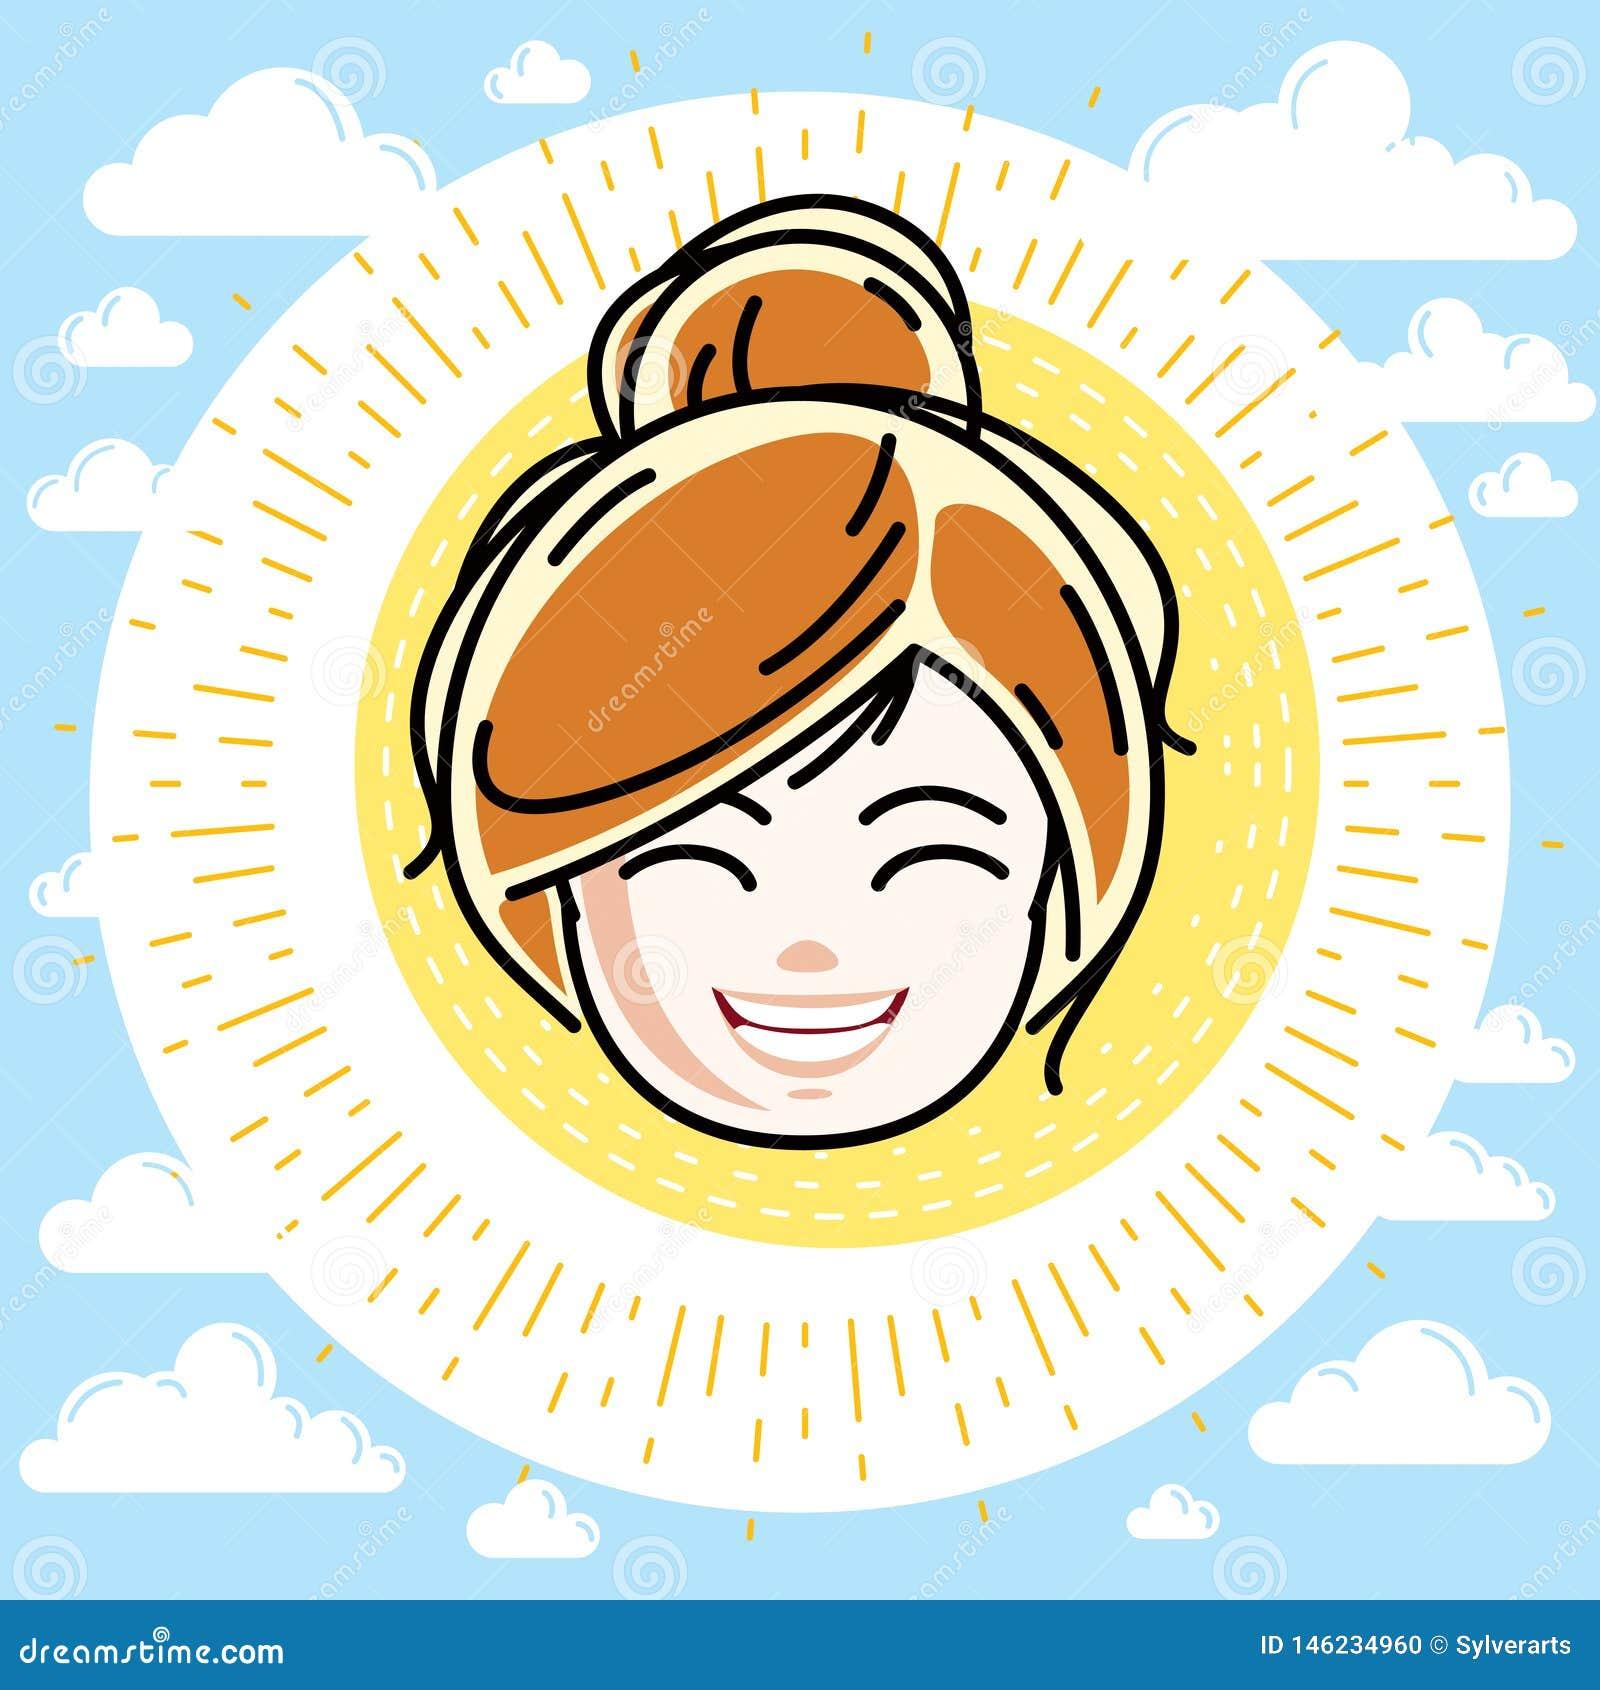 Καυκάσιο πρόσωπο κοριτσιών τύπων που εκφράζει τις θετικές συγκινήσεις, διανυσματική ανθρώπινη επικεφαλής απεικόνιση Όμορφο redhea